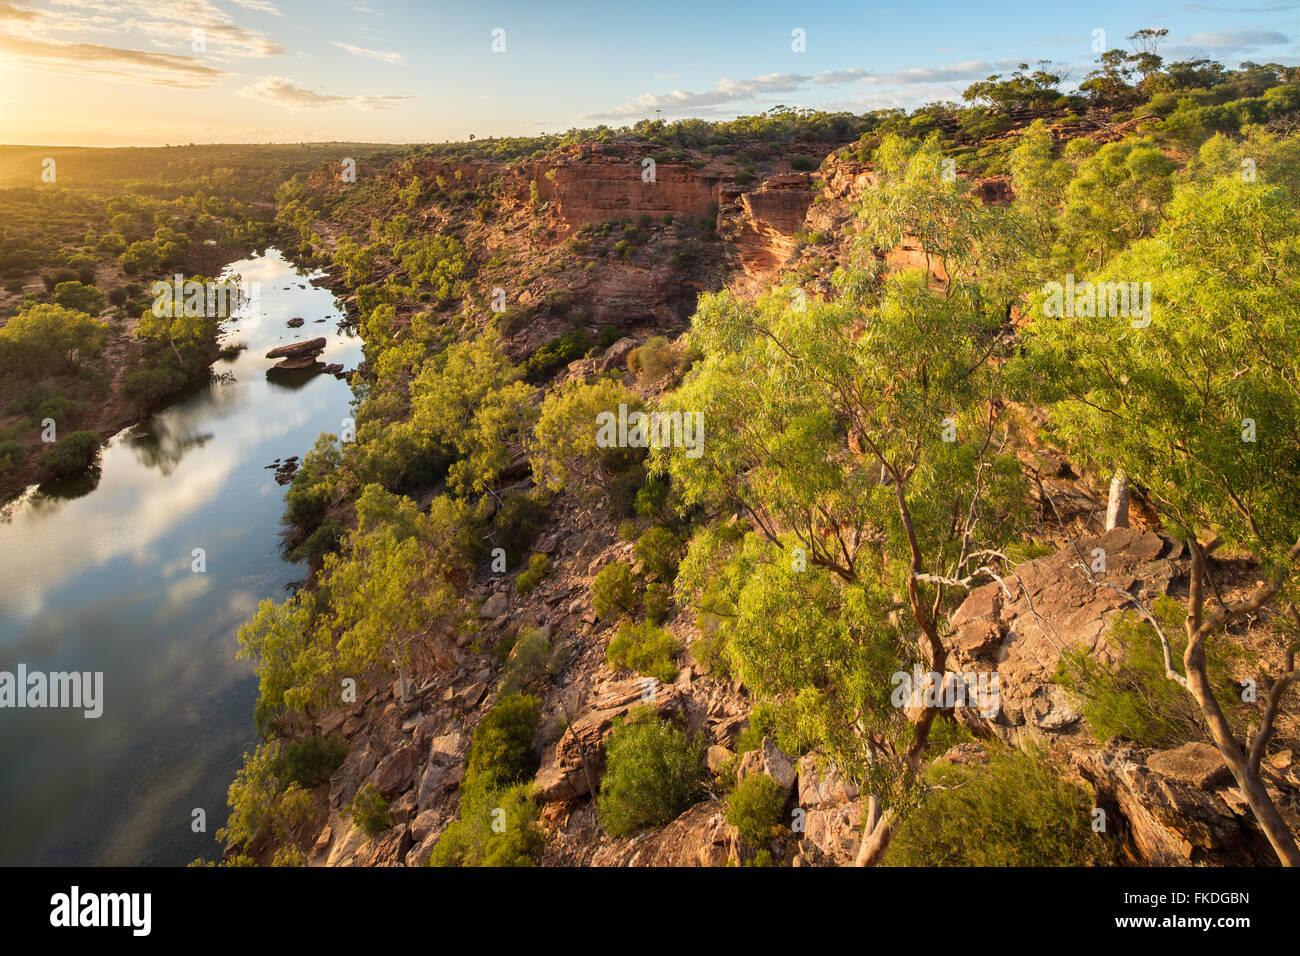 Il falco della testa del belvedere sopra il fiume Murchison gorge, Kalbarri National Park, Australia occidentale Immagini Stock